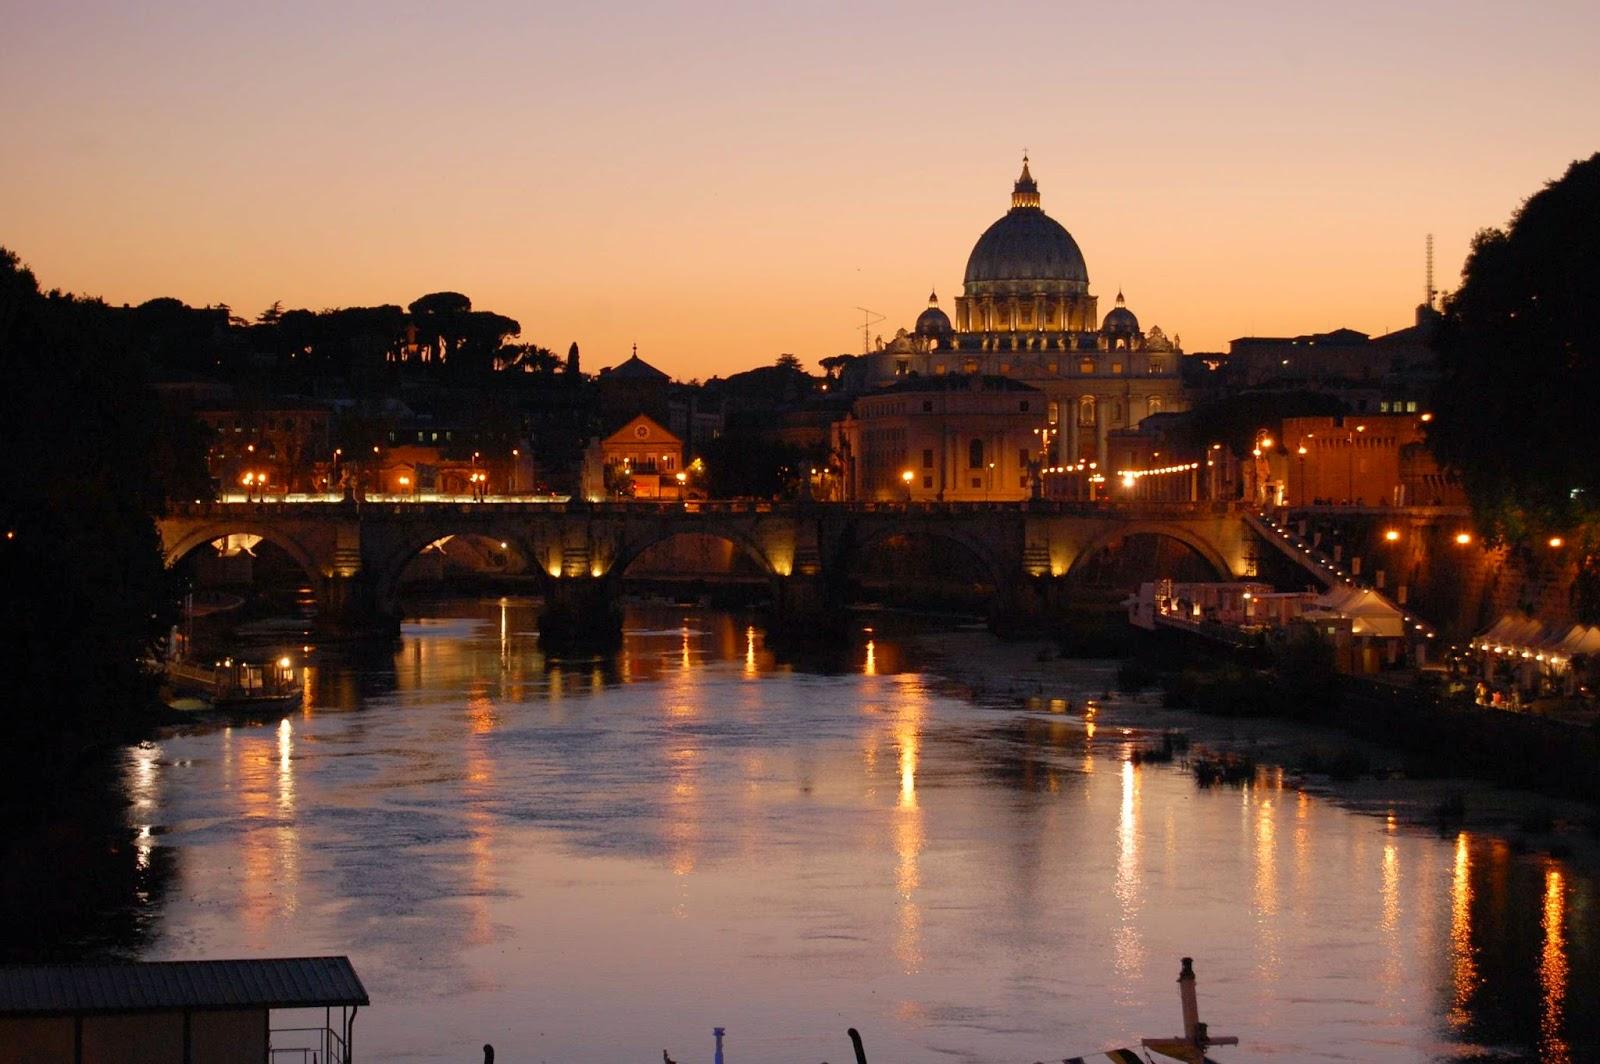 foto:turistipercaso.it